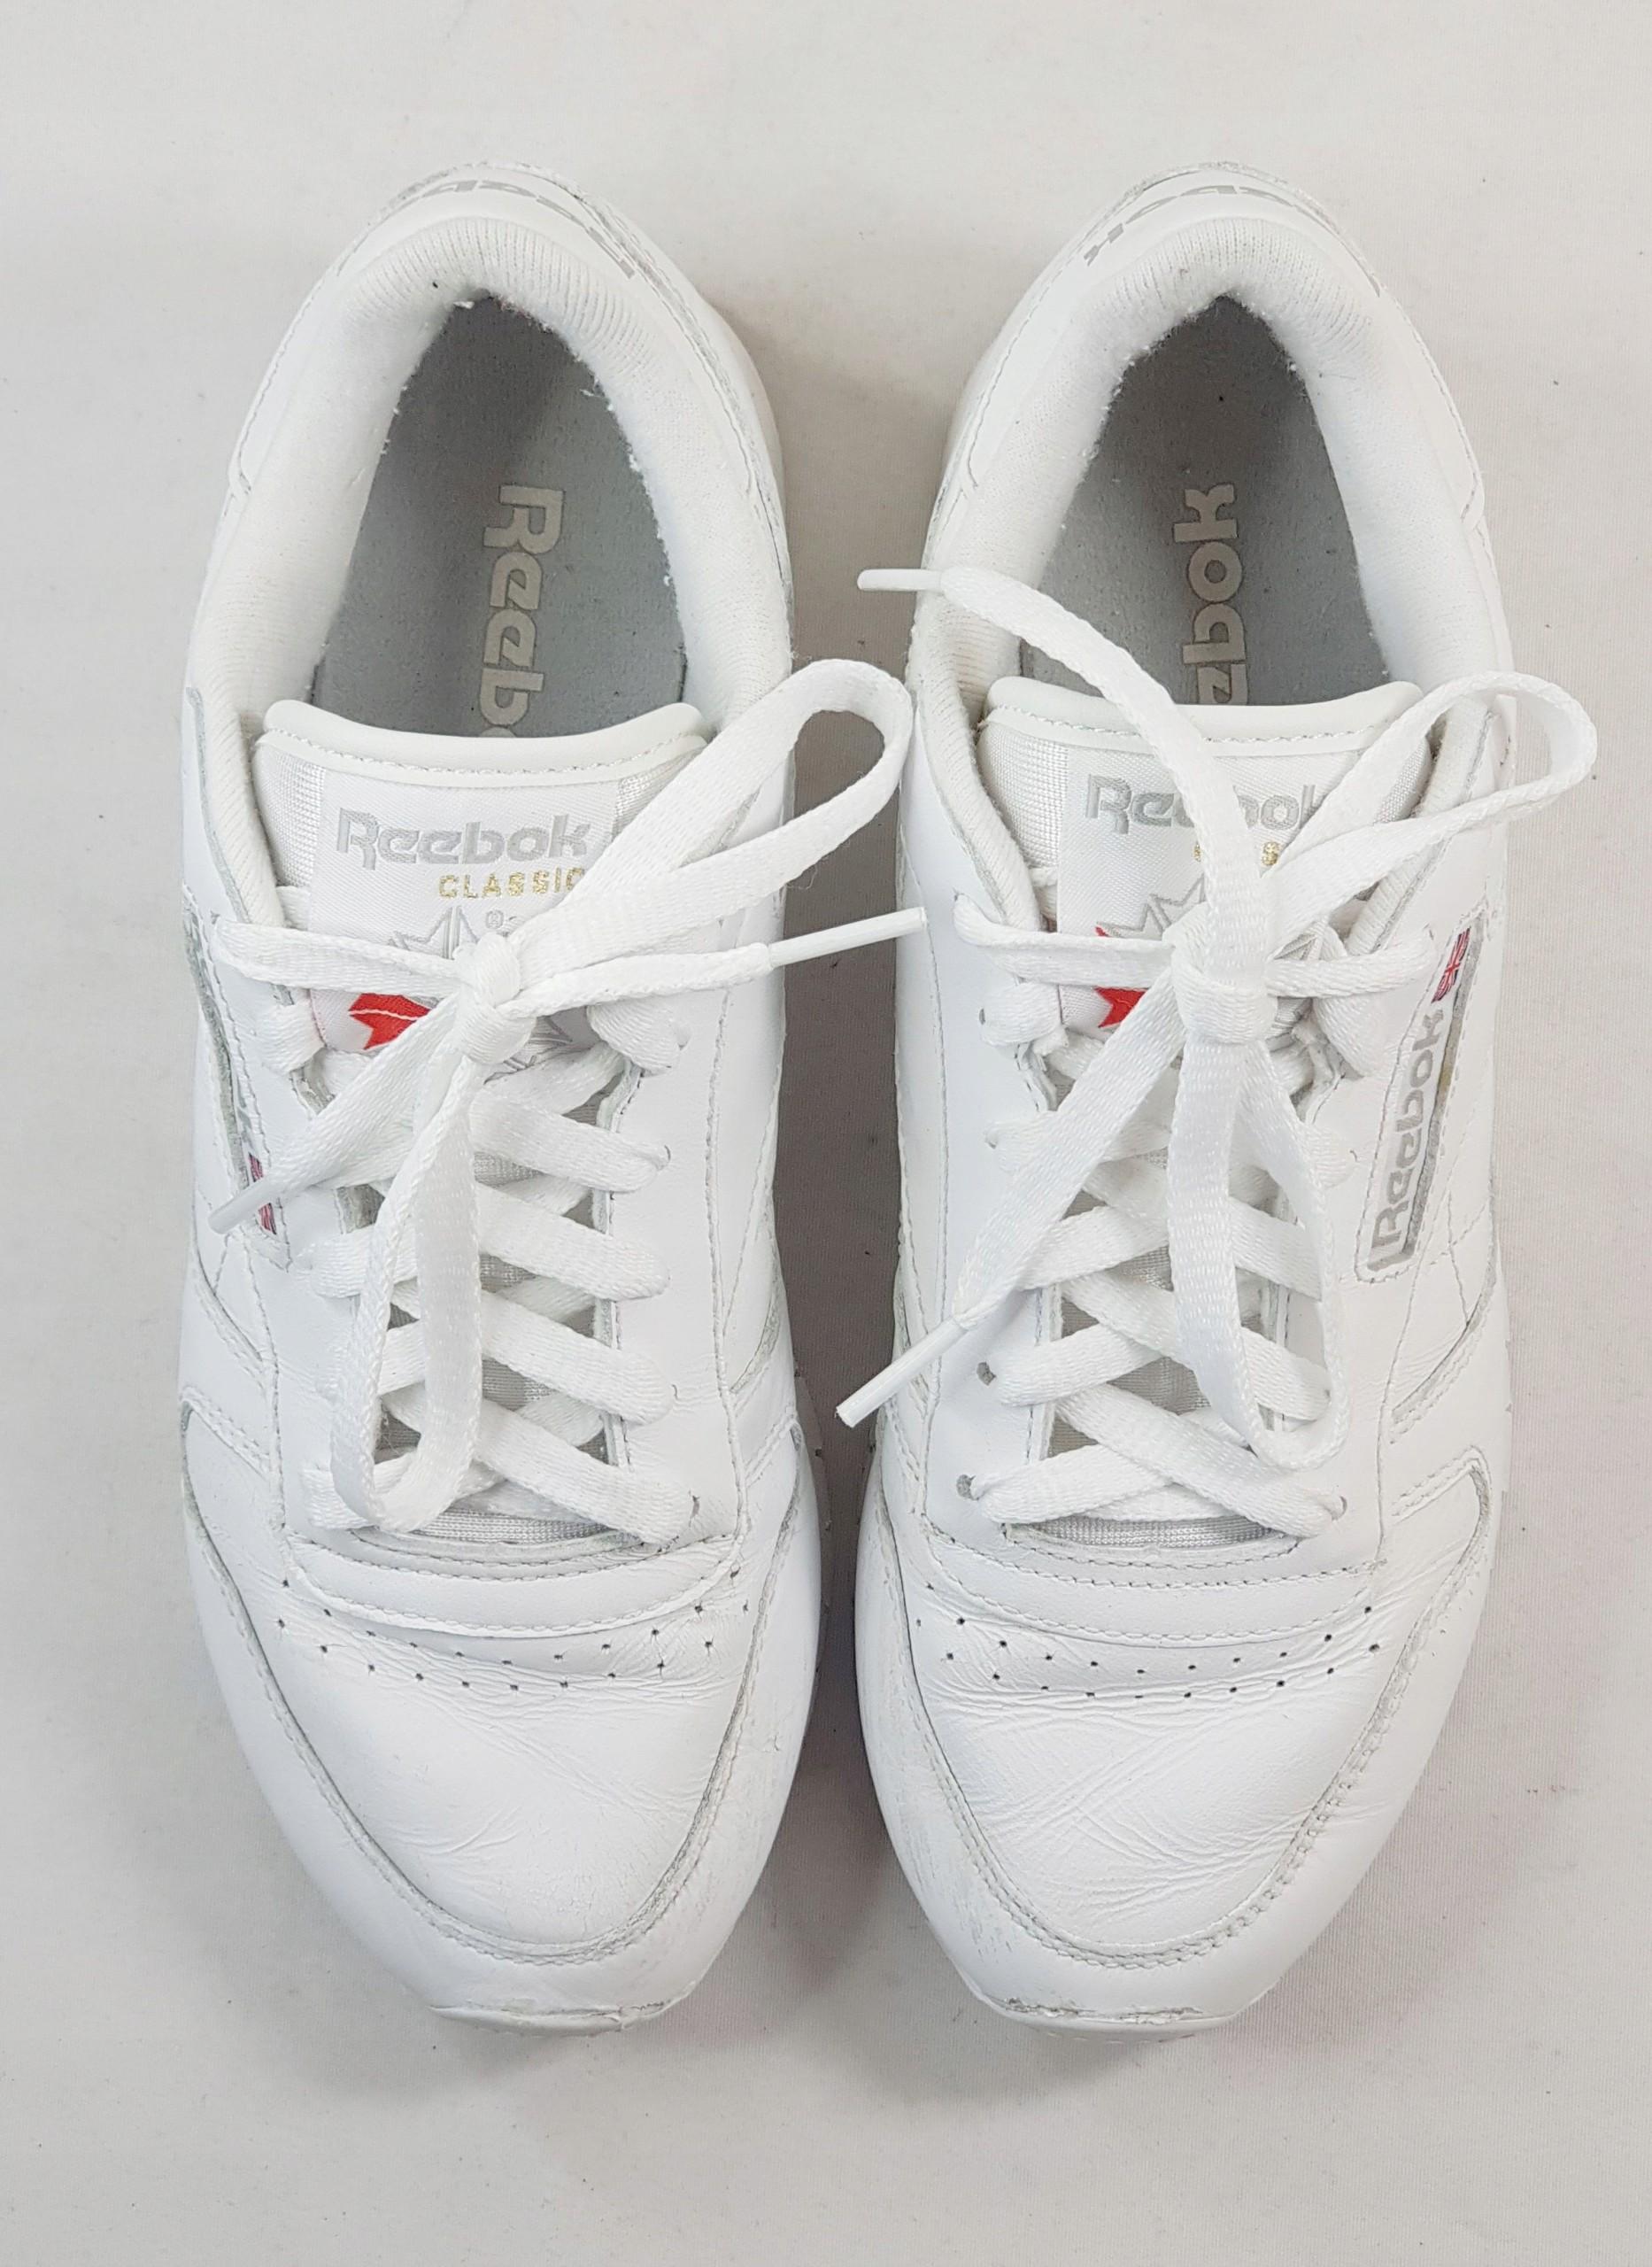 c00c700ec5c REEBOK CLASSIC buty damskie sportowe r.37 - 7426499044 - oficjalne ...